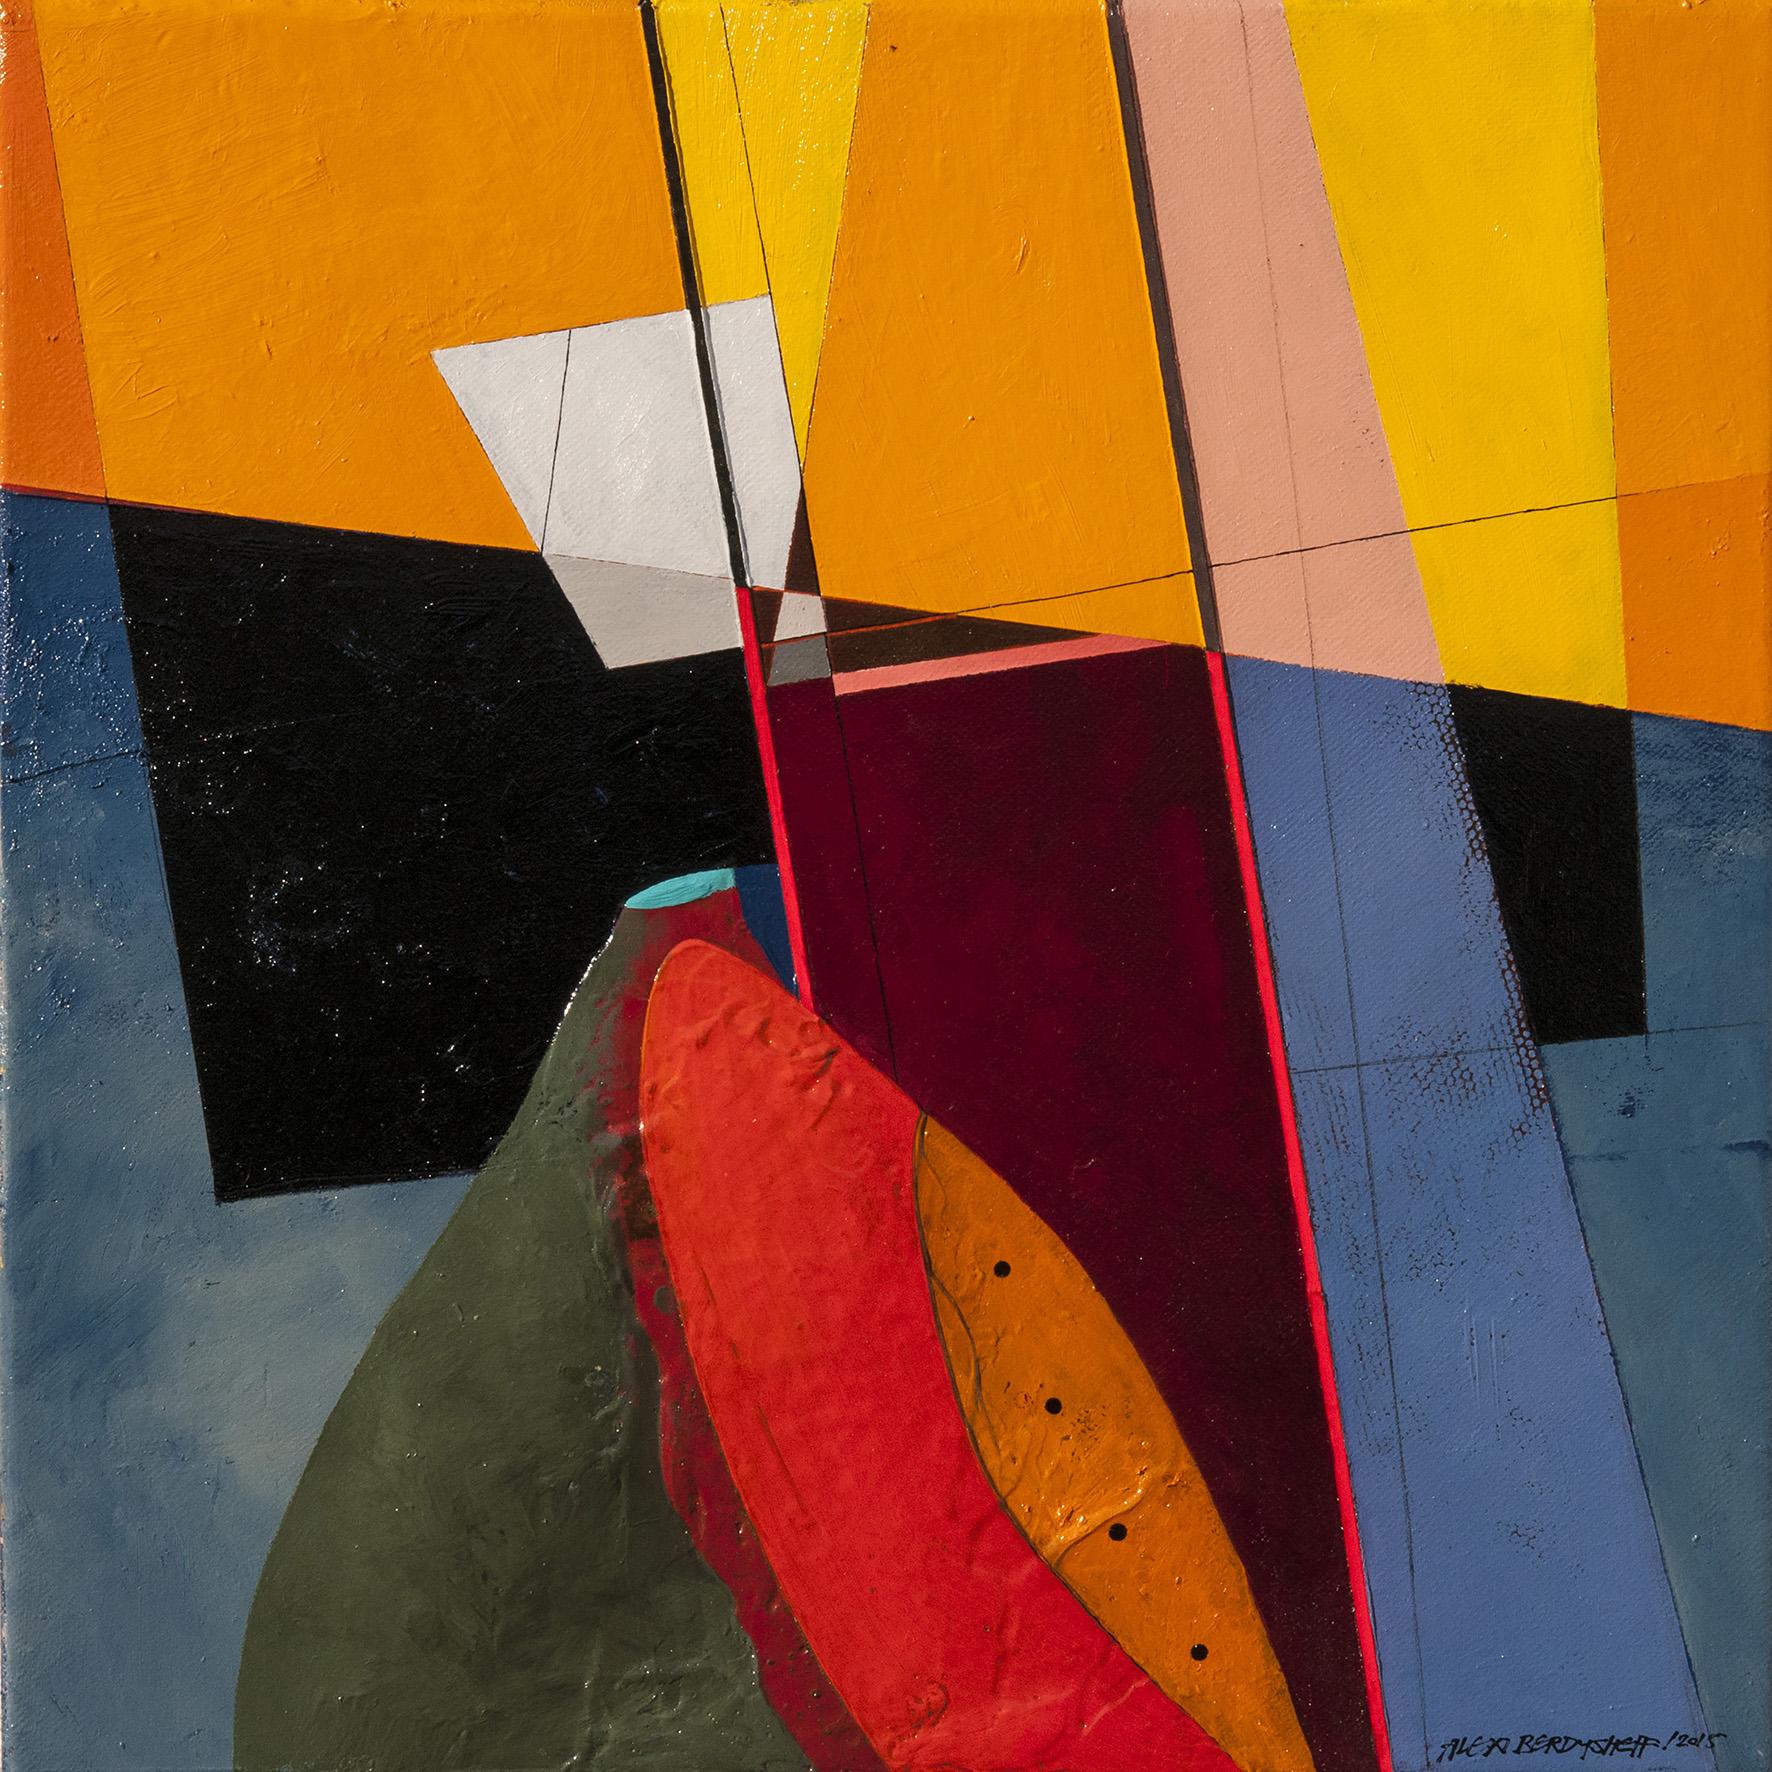 Rhythm II, oil on canvas, 46x46 cm, 2015